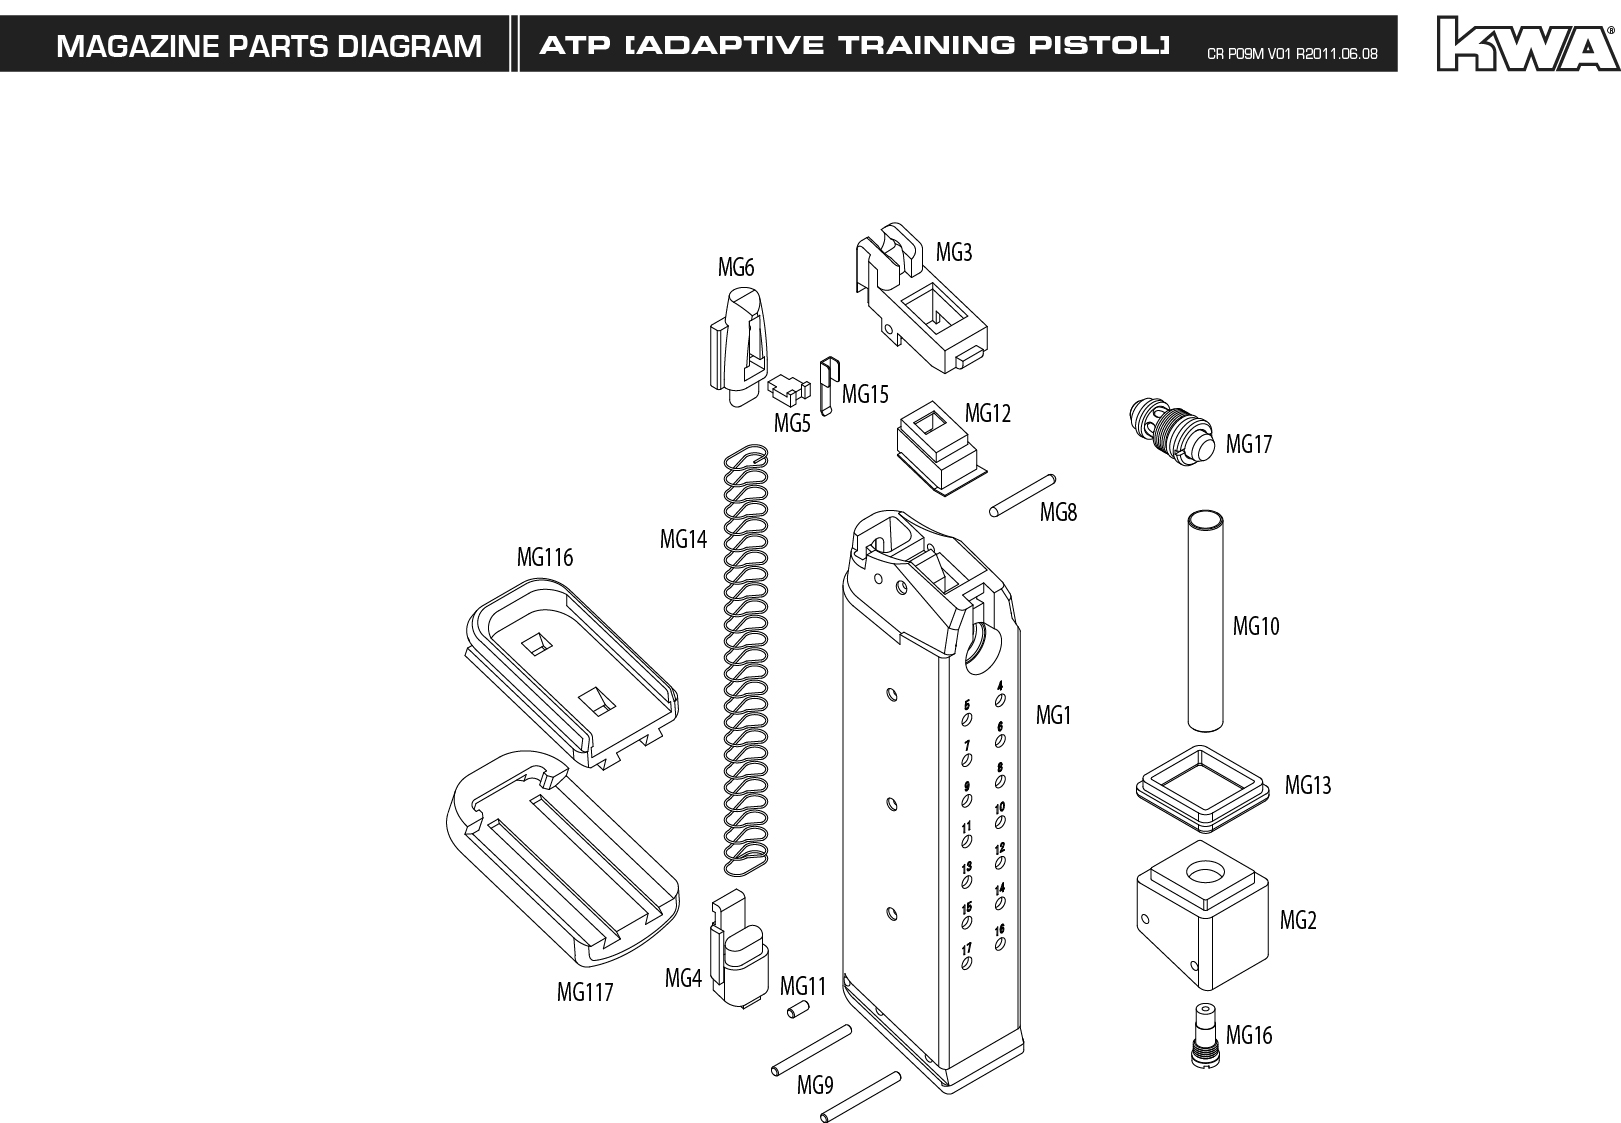 Kwa Mag Manual Atp Airsoft Shop Airsoft Guns Sniper